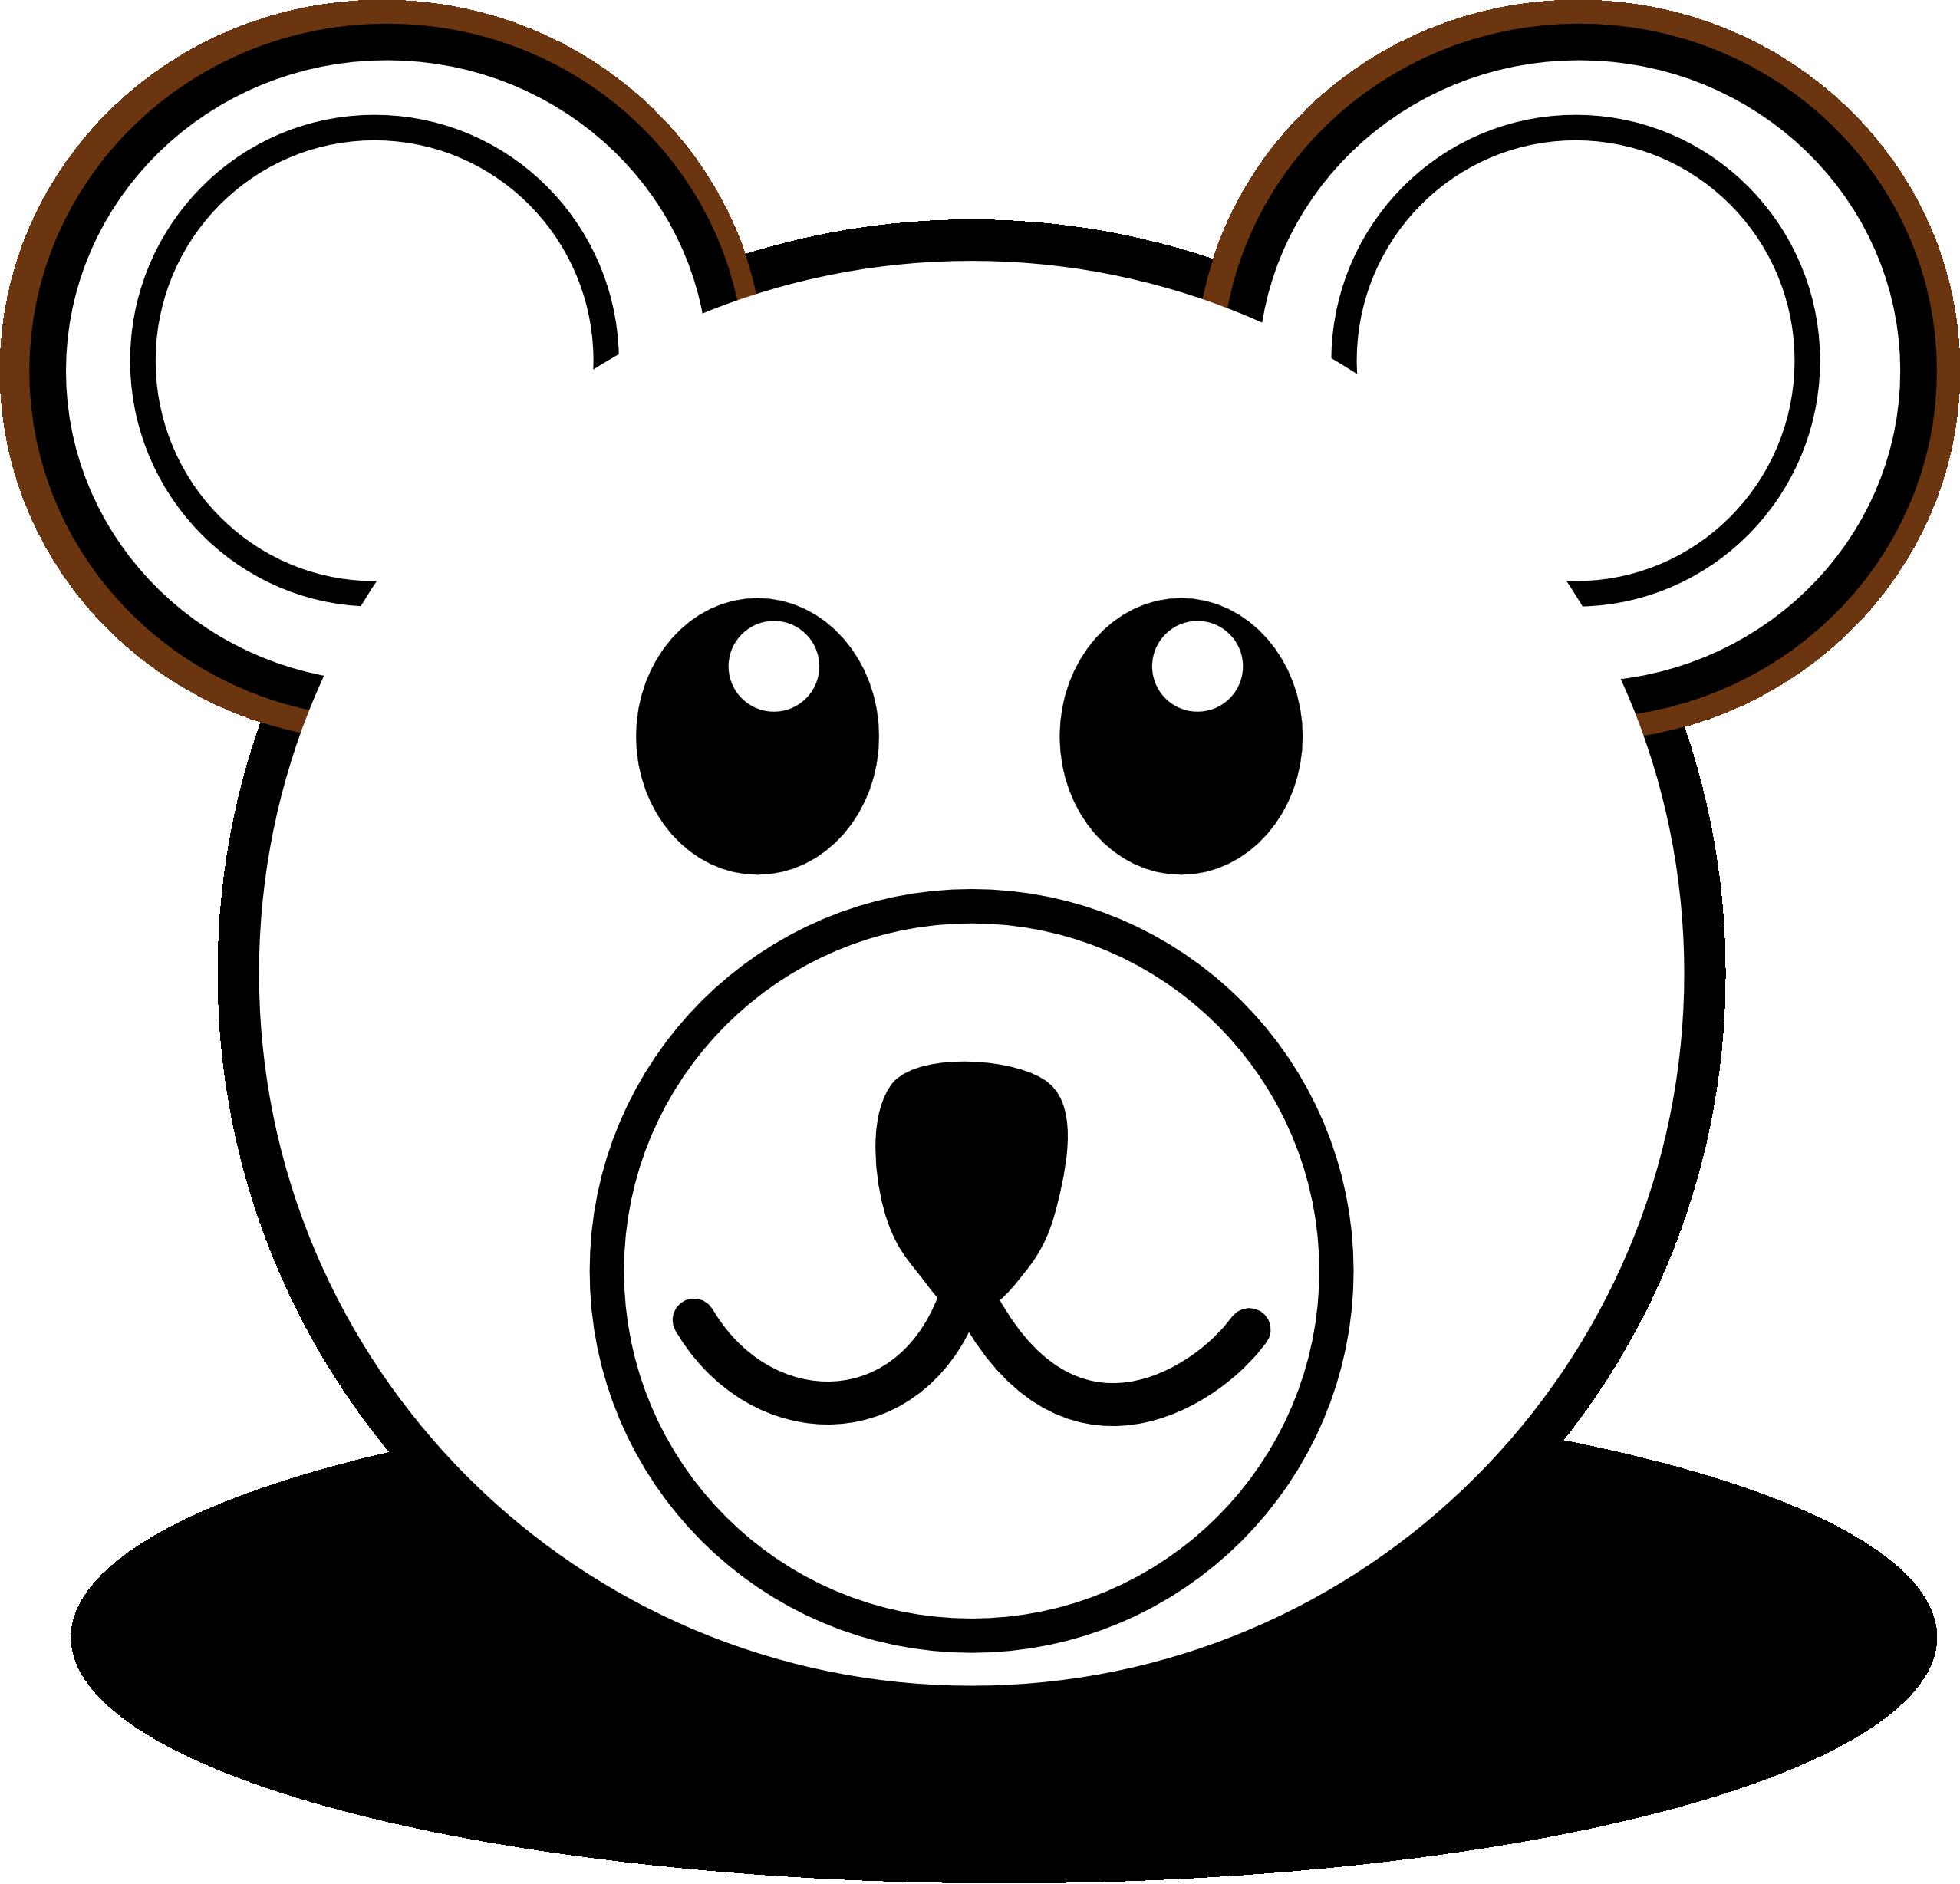 2555x2456 Drawn Teddy Bear Head